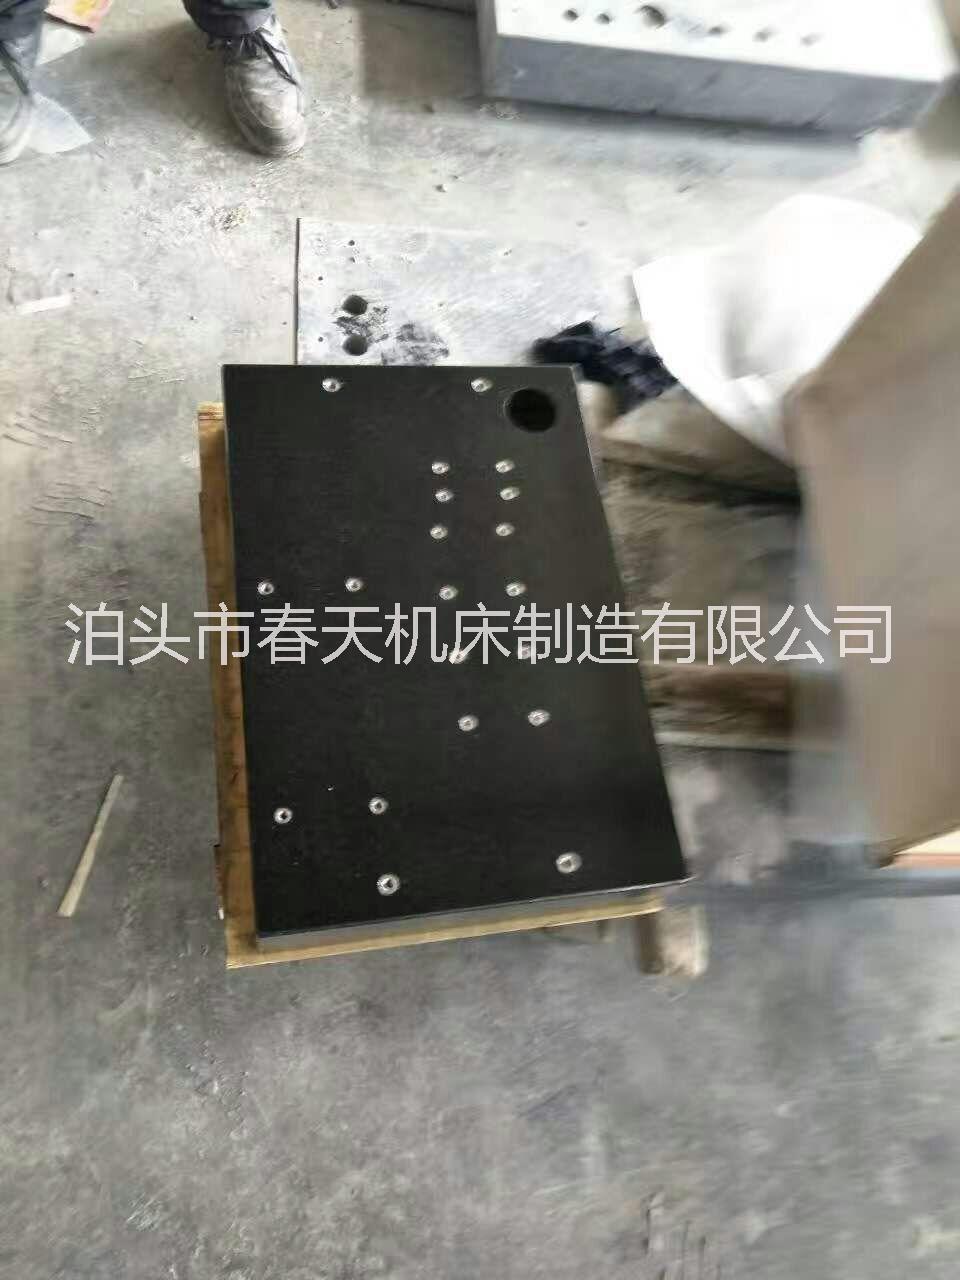 测量平台花岗岩平台刮研平台大理石 平板800*500*100mm 测量平台花岗岩平台大理石